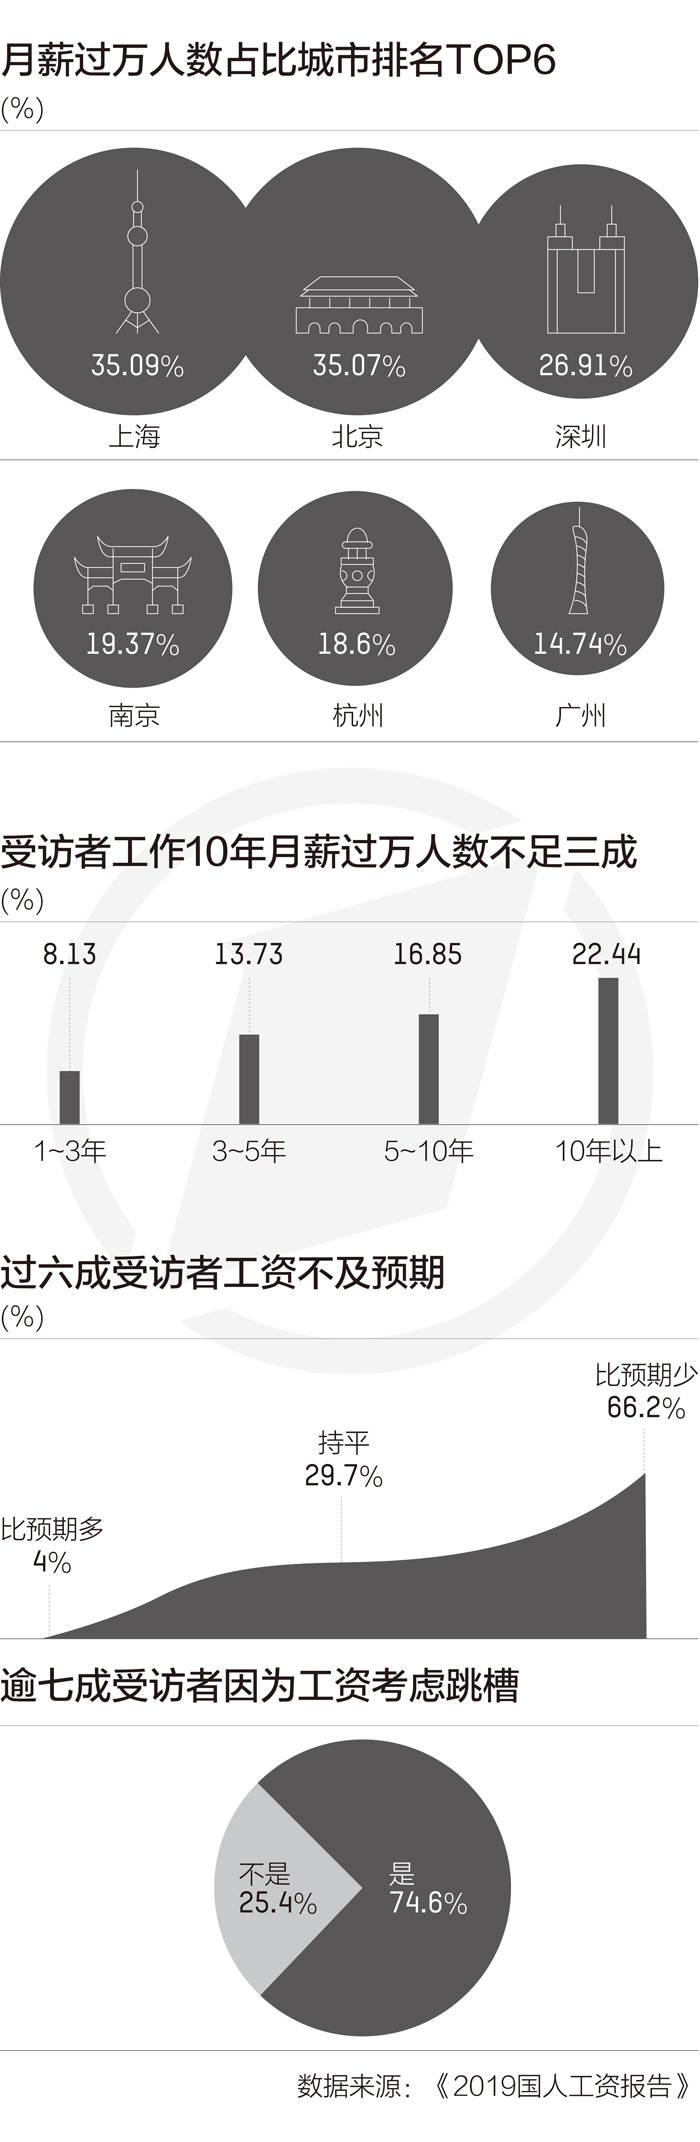 月薪过万占比:上北深位居前三,广州不如宁杭 新湖南www.hunanabc.com